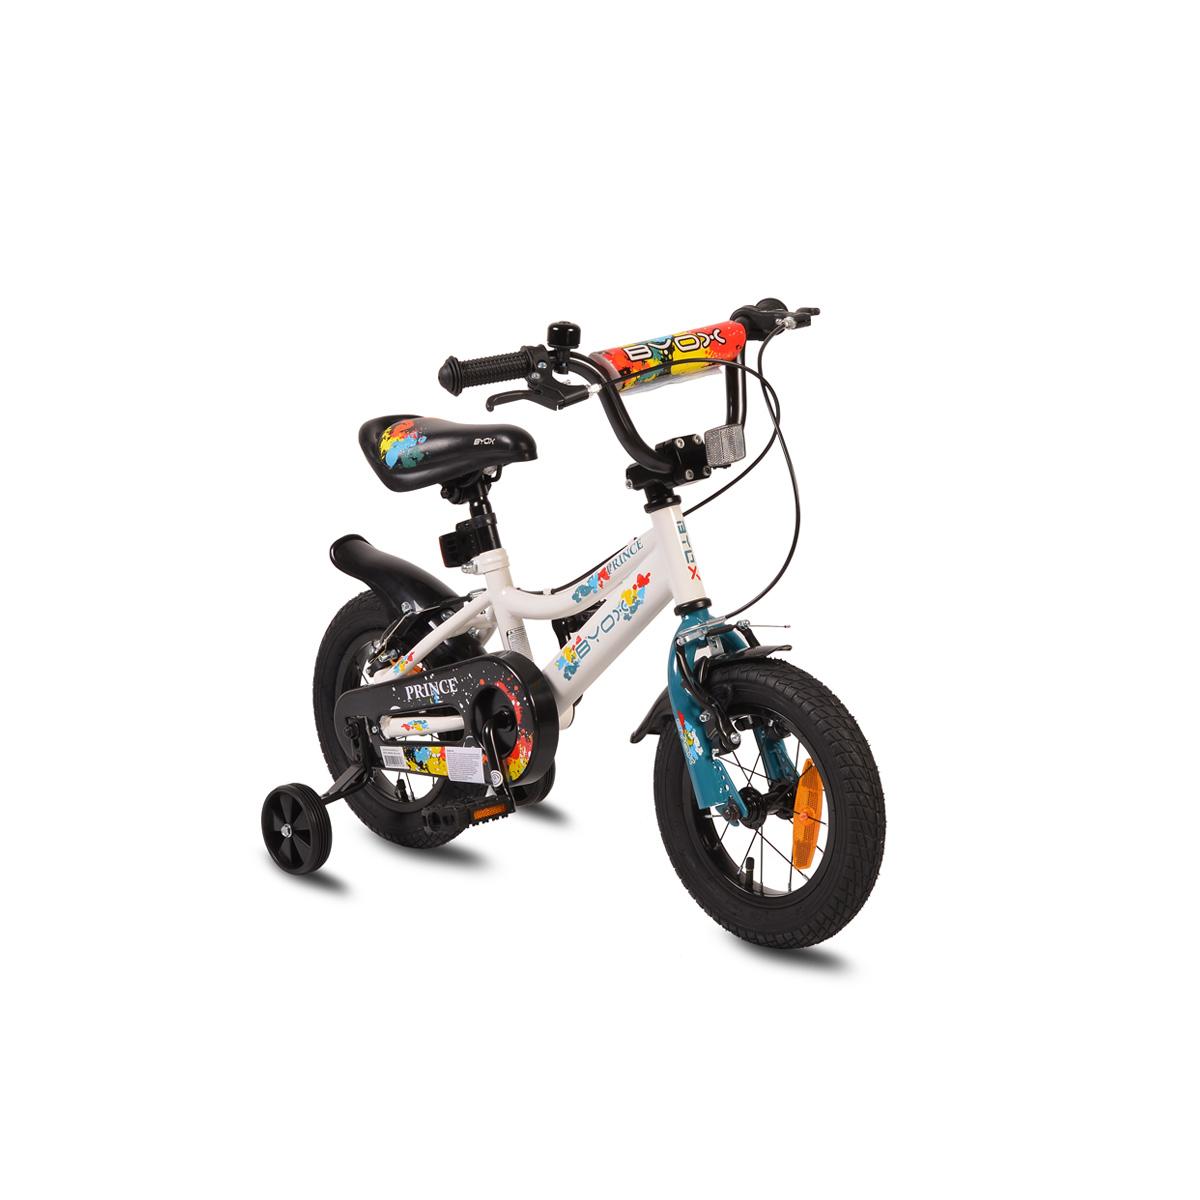 """Ποδήλατο Παιδικό Prince 12"""" White New Byox"""